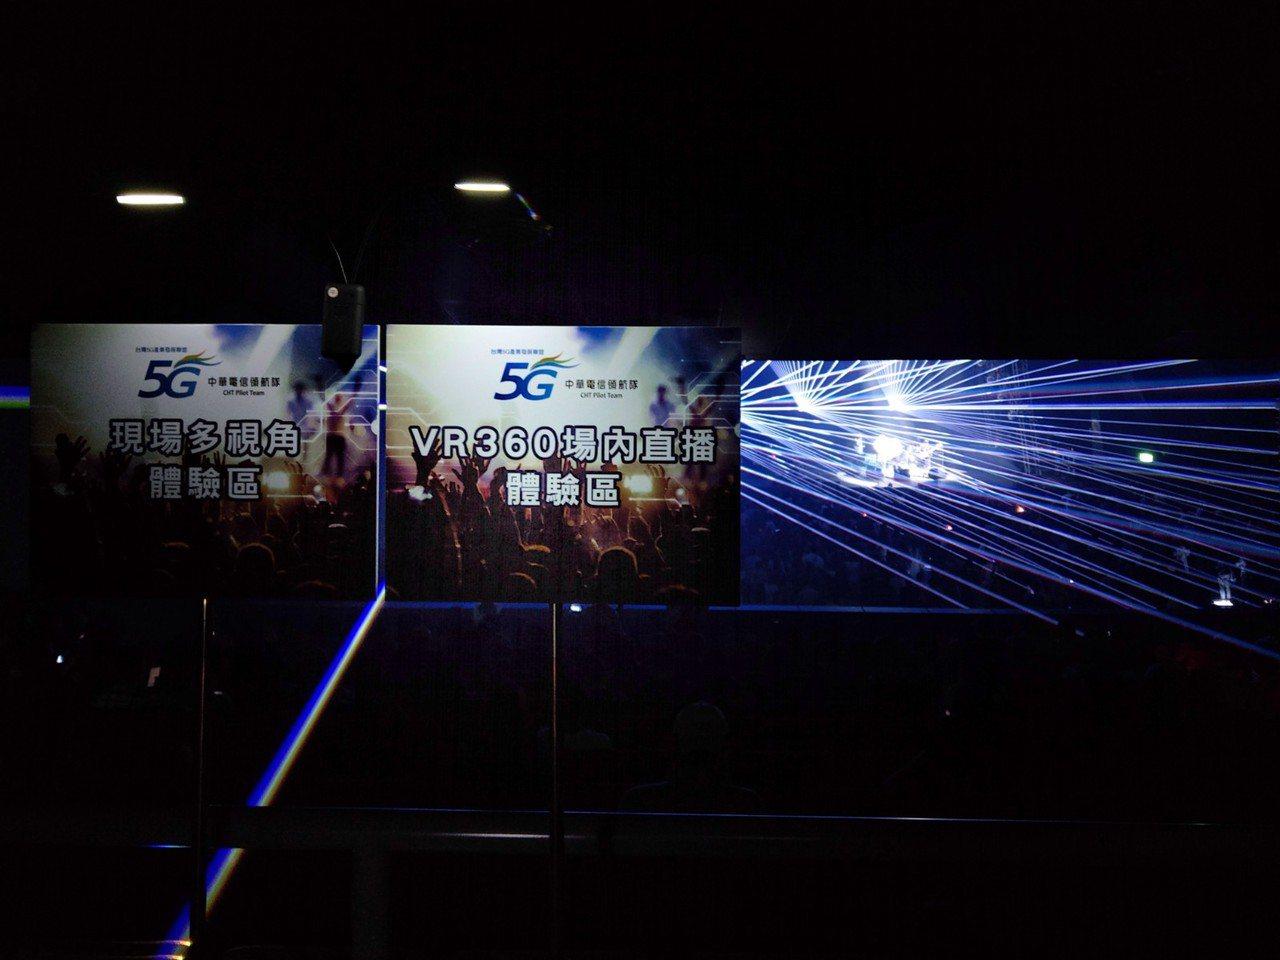 北流中心5G試驗場域-VR360全景直播體驗。宏達電提供